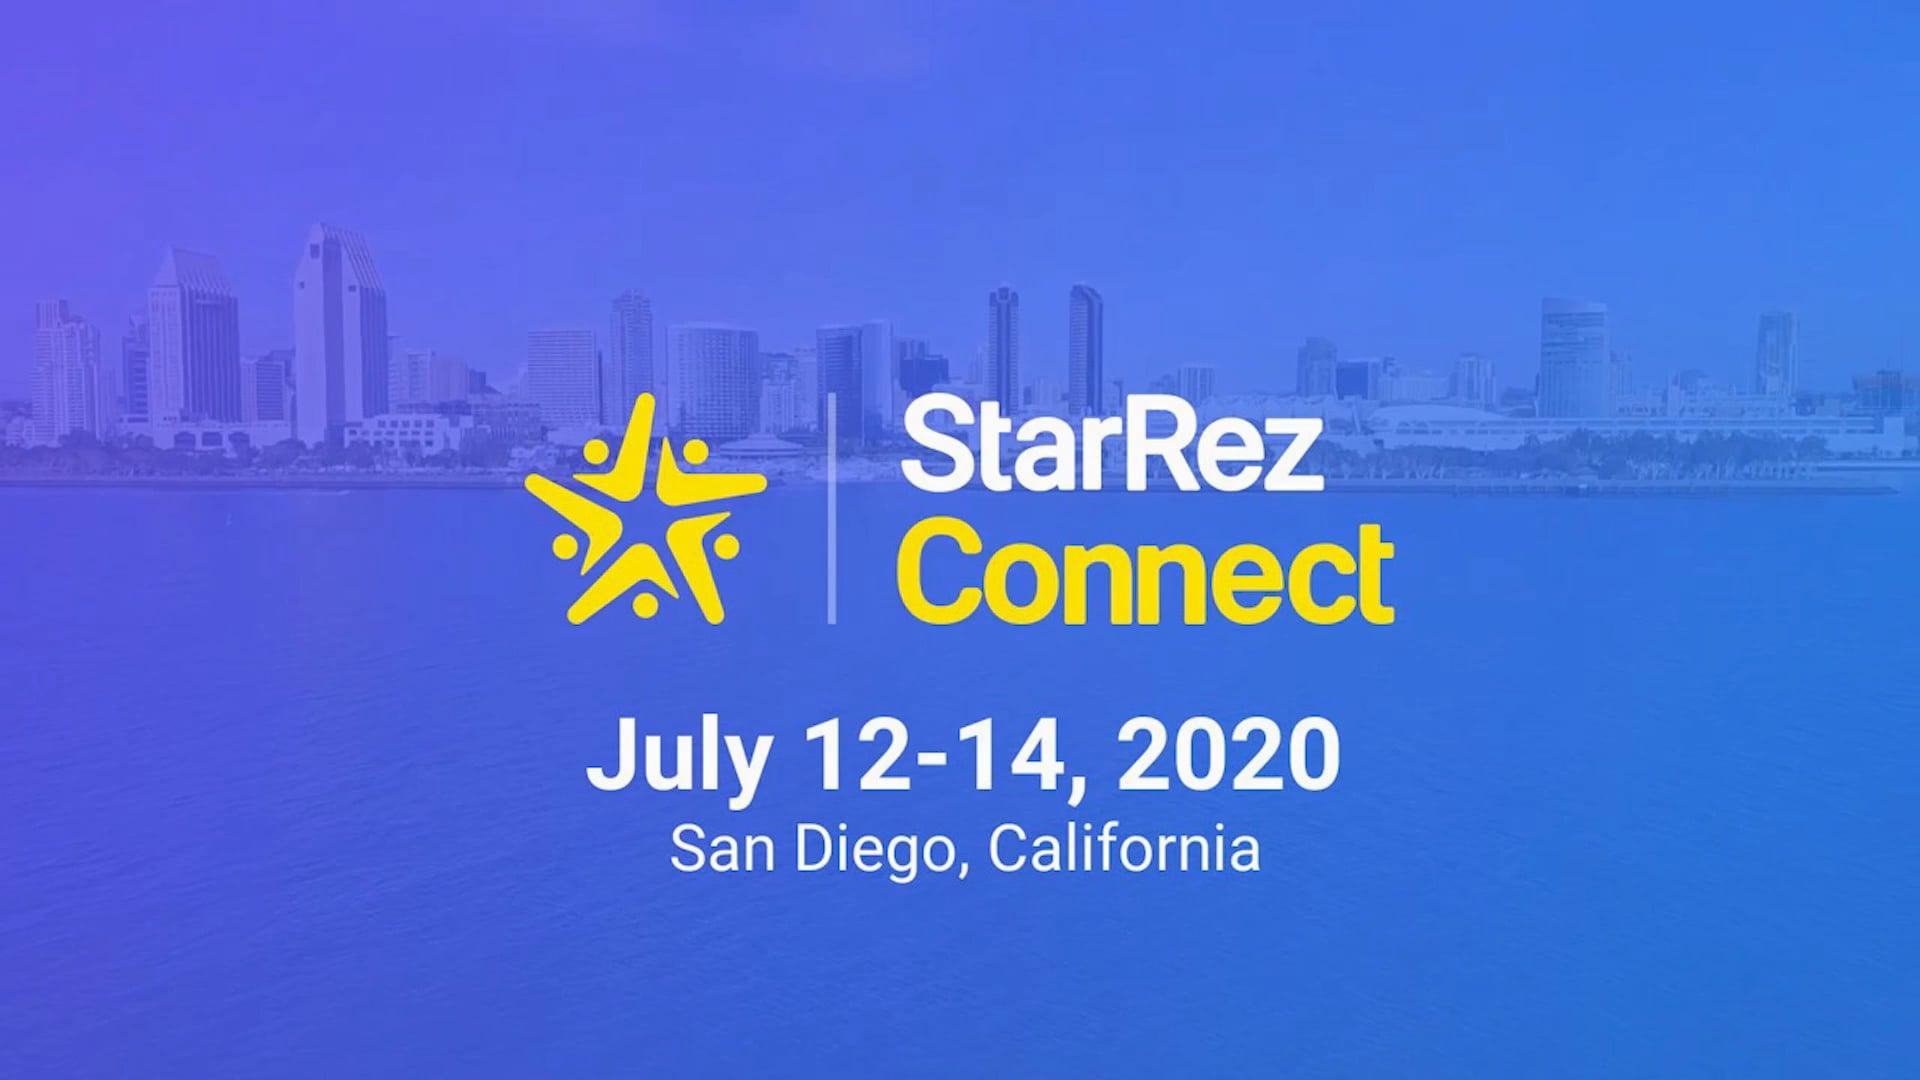 StarRez Connect 2020 Promo